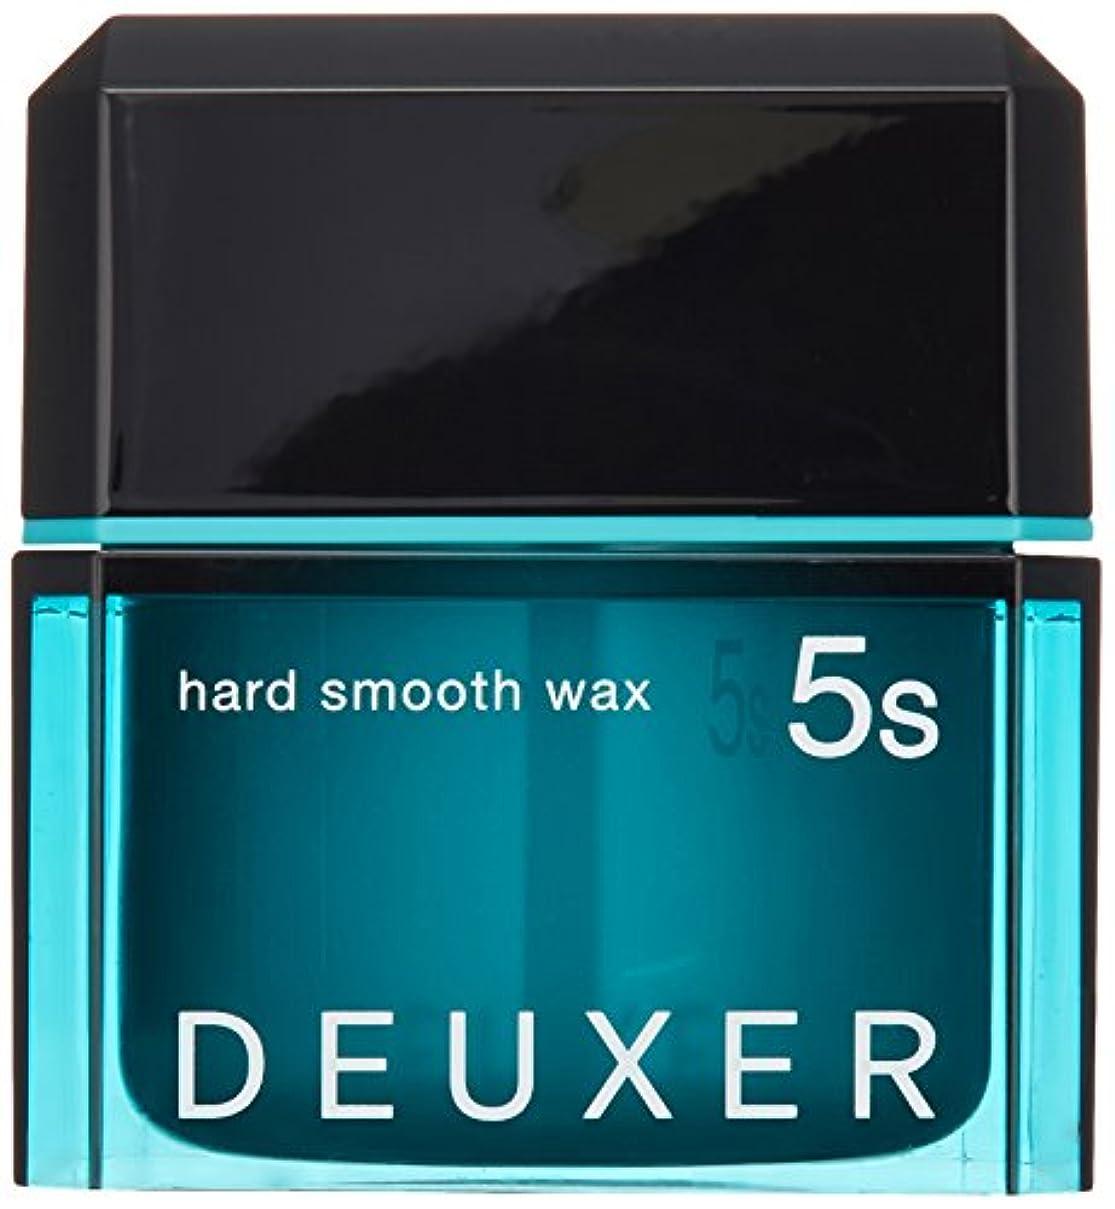 メディア確かな散髪ナンバースリー DEUXER(デューサー) ハードスムースワックス 5S 80g